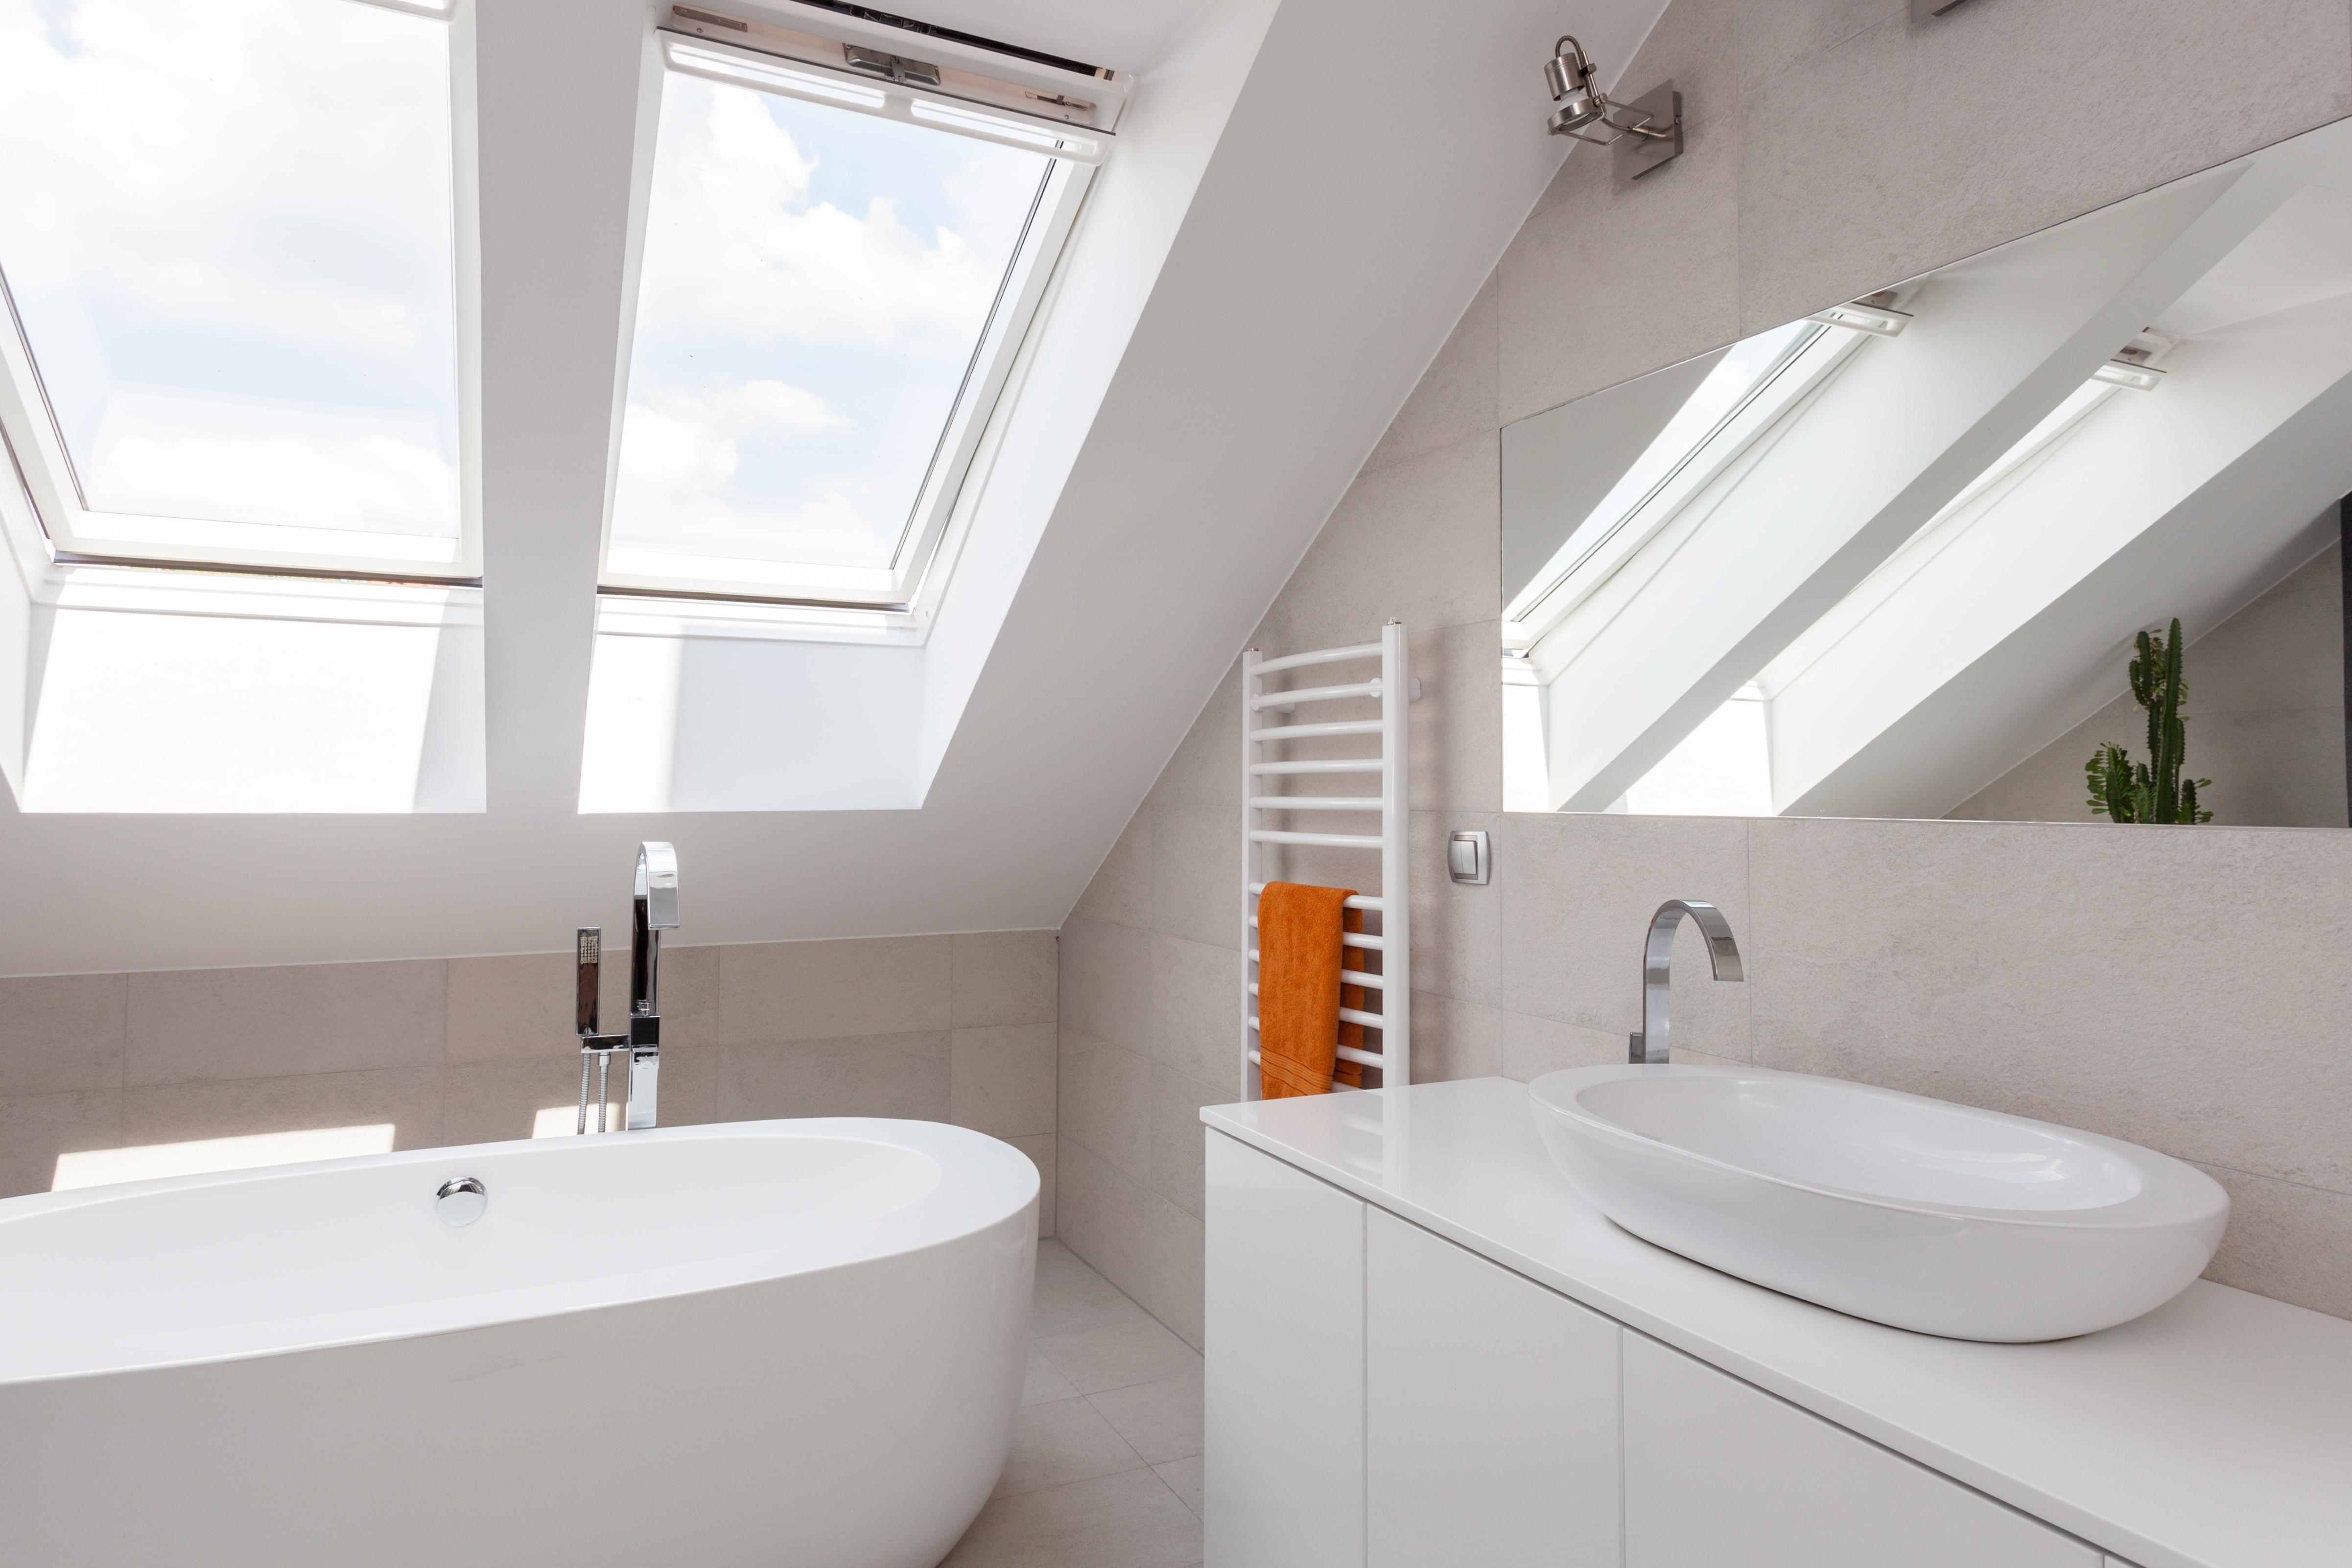 Dachfenster innen verkleiden cool dachfenster trockenbau - Fensterbank innen ausbauen ...